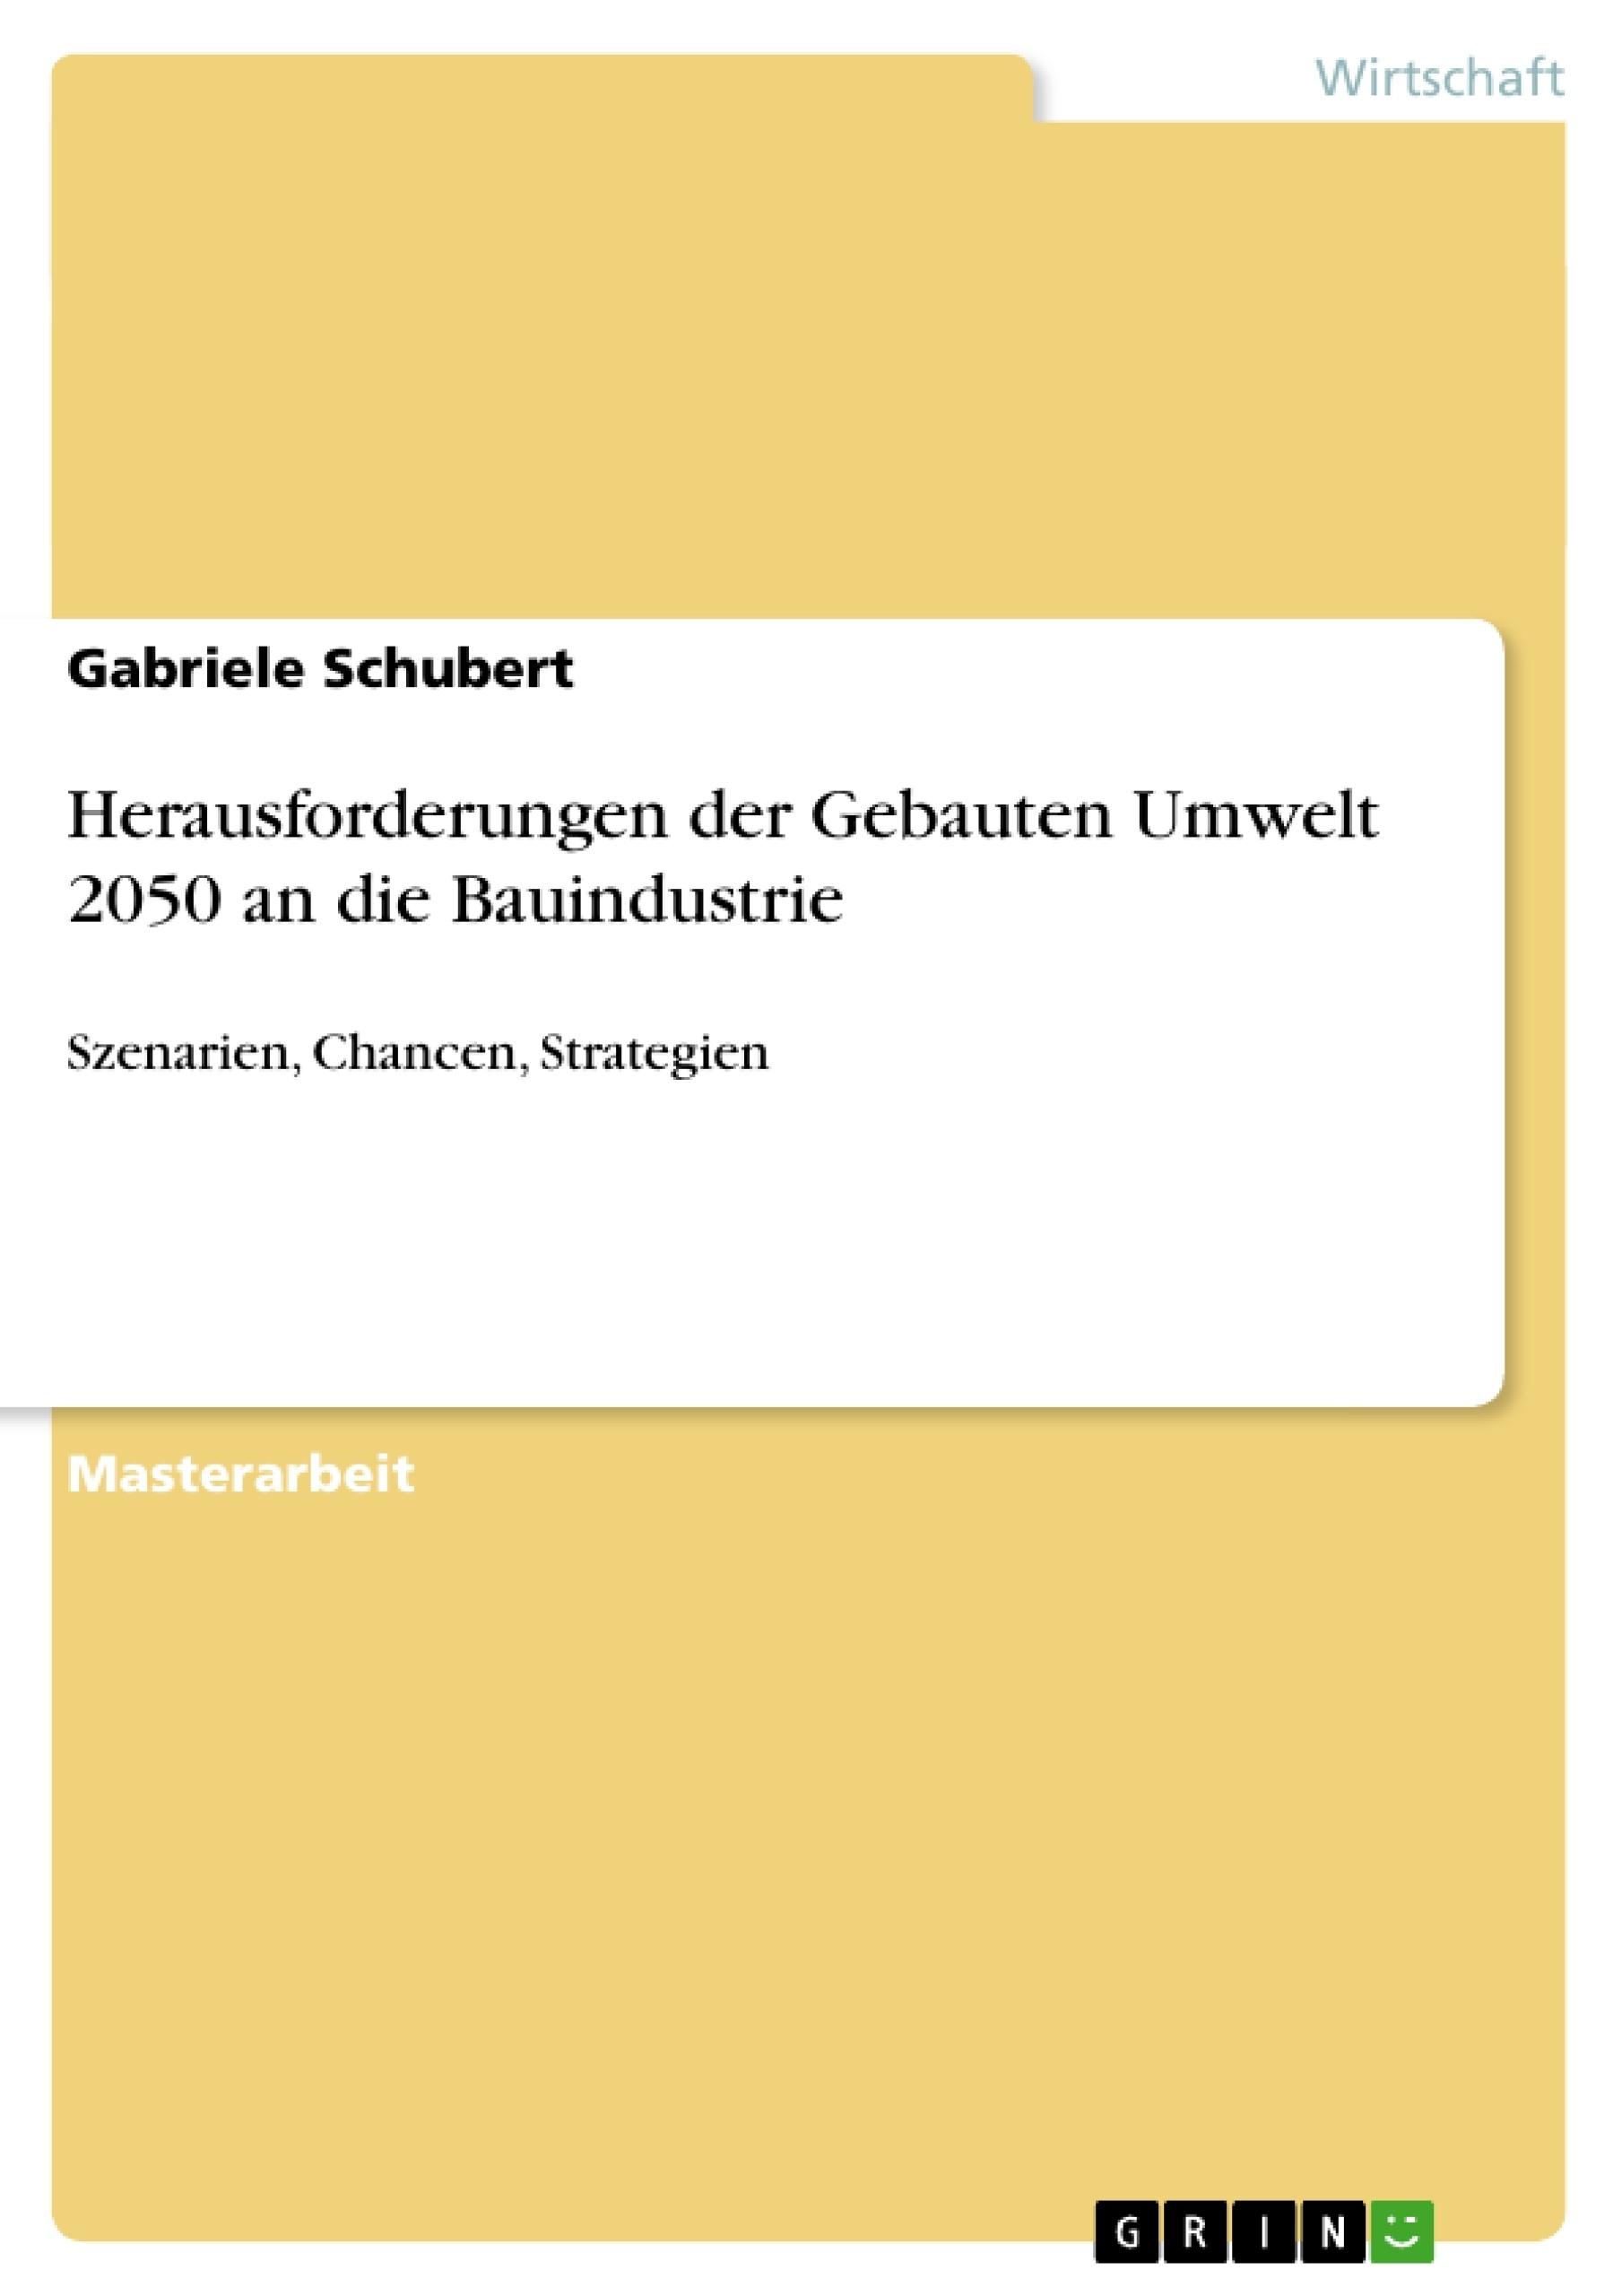 Titel: Herausforderungen der Gebauten Umwelt 2050 an die Bauindustrie